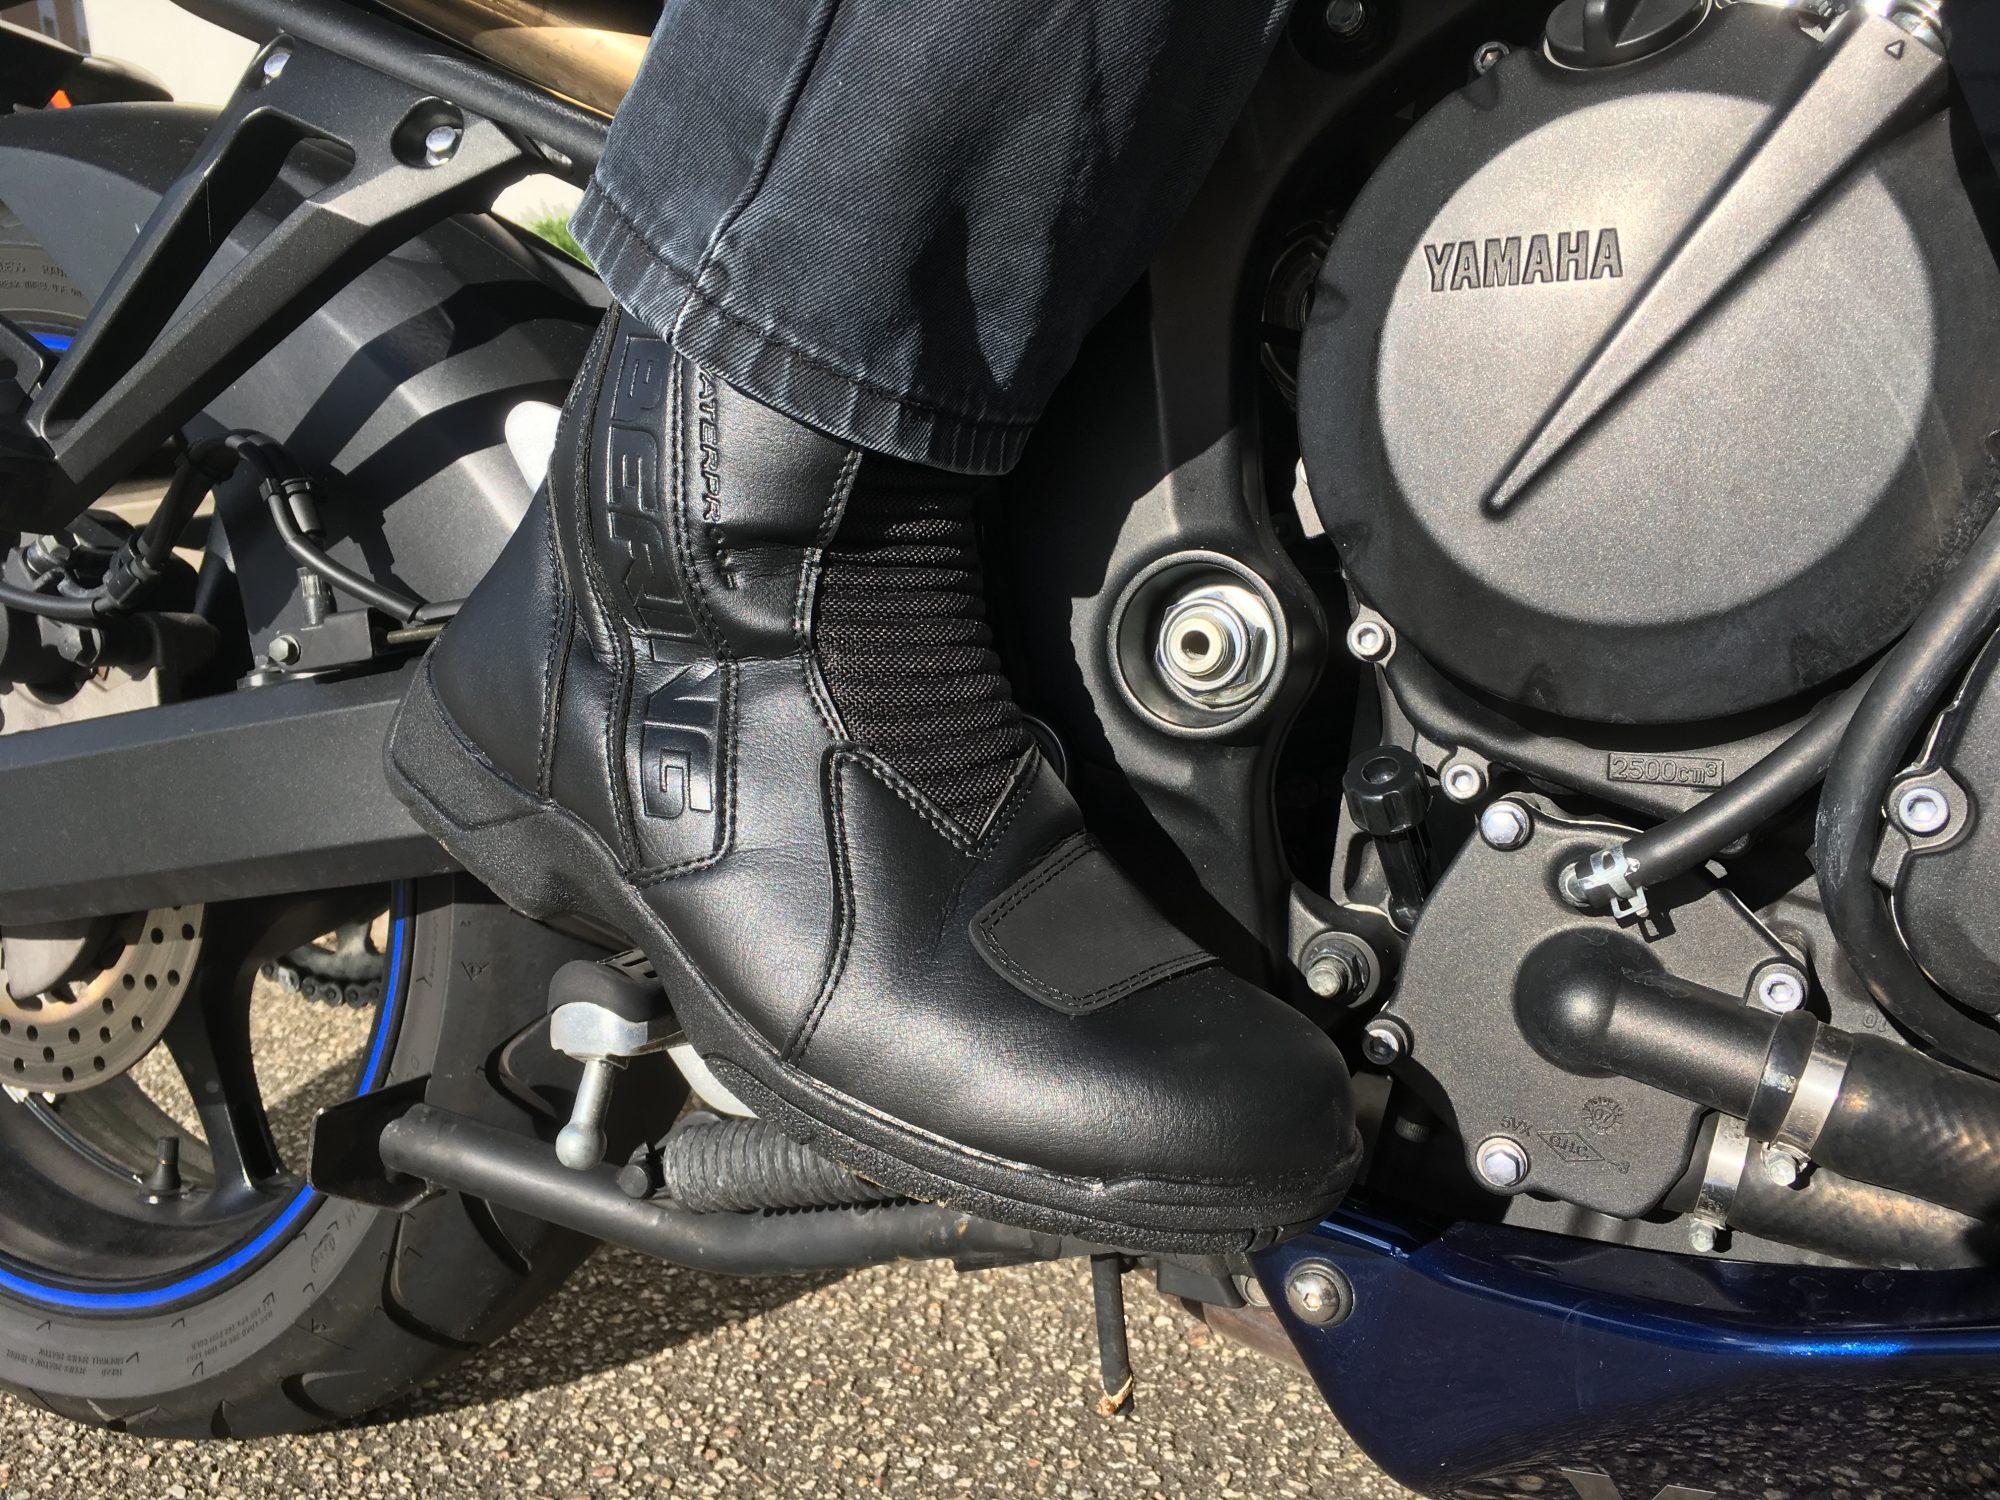 Bottes BERING X-Tourer, en position sur une moto GT.